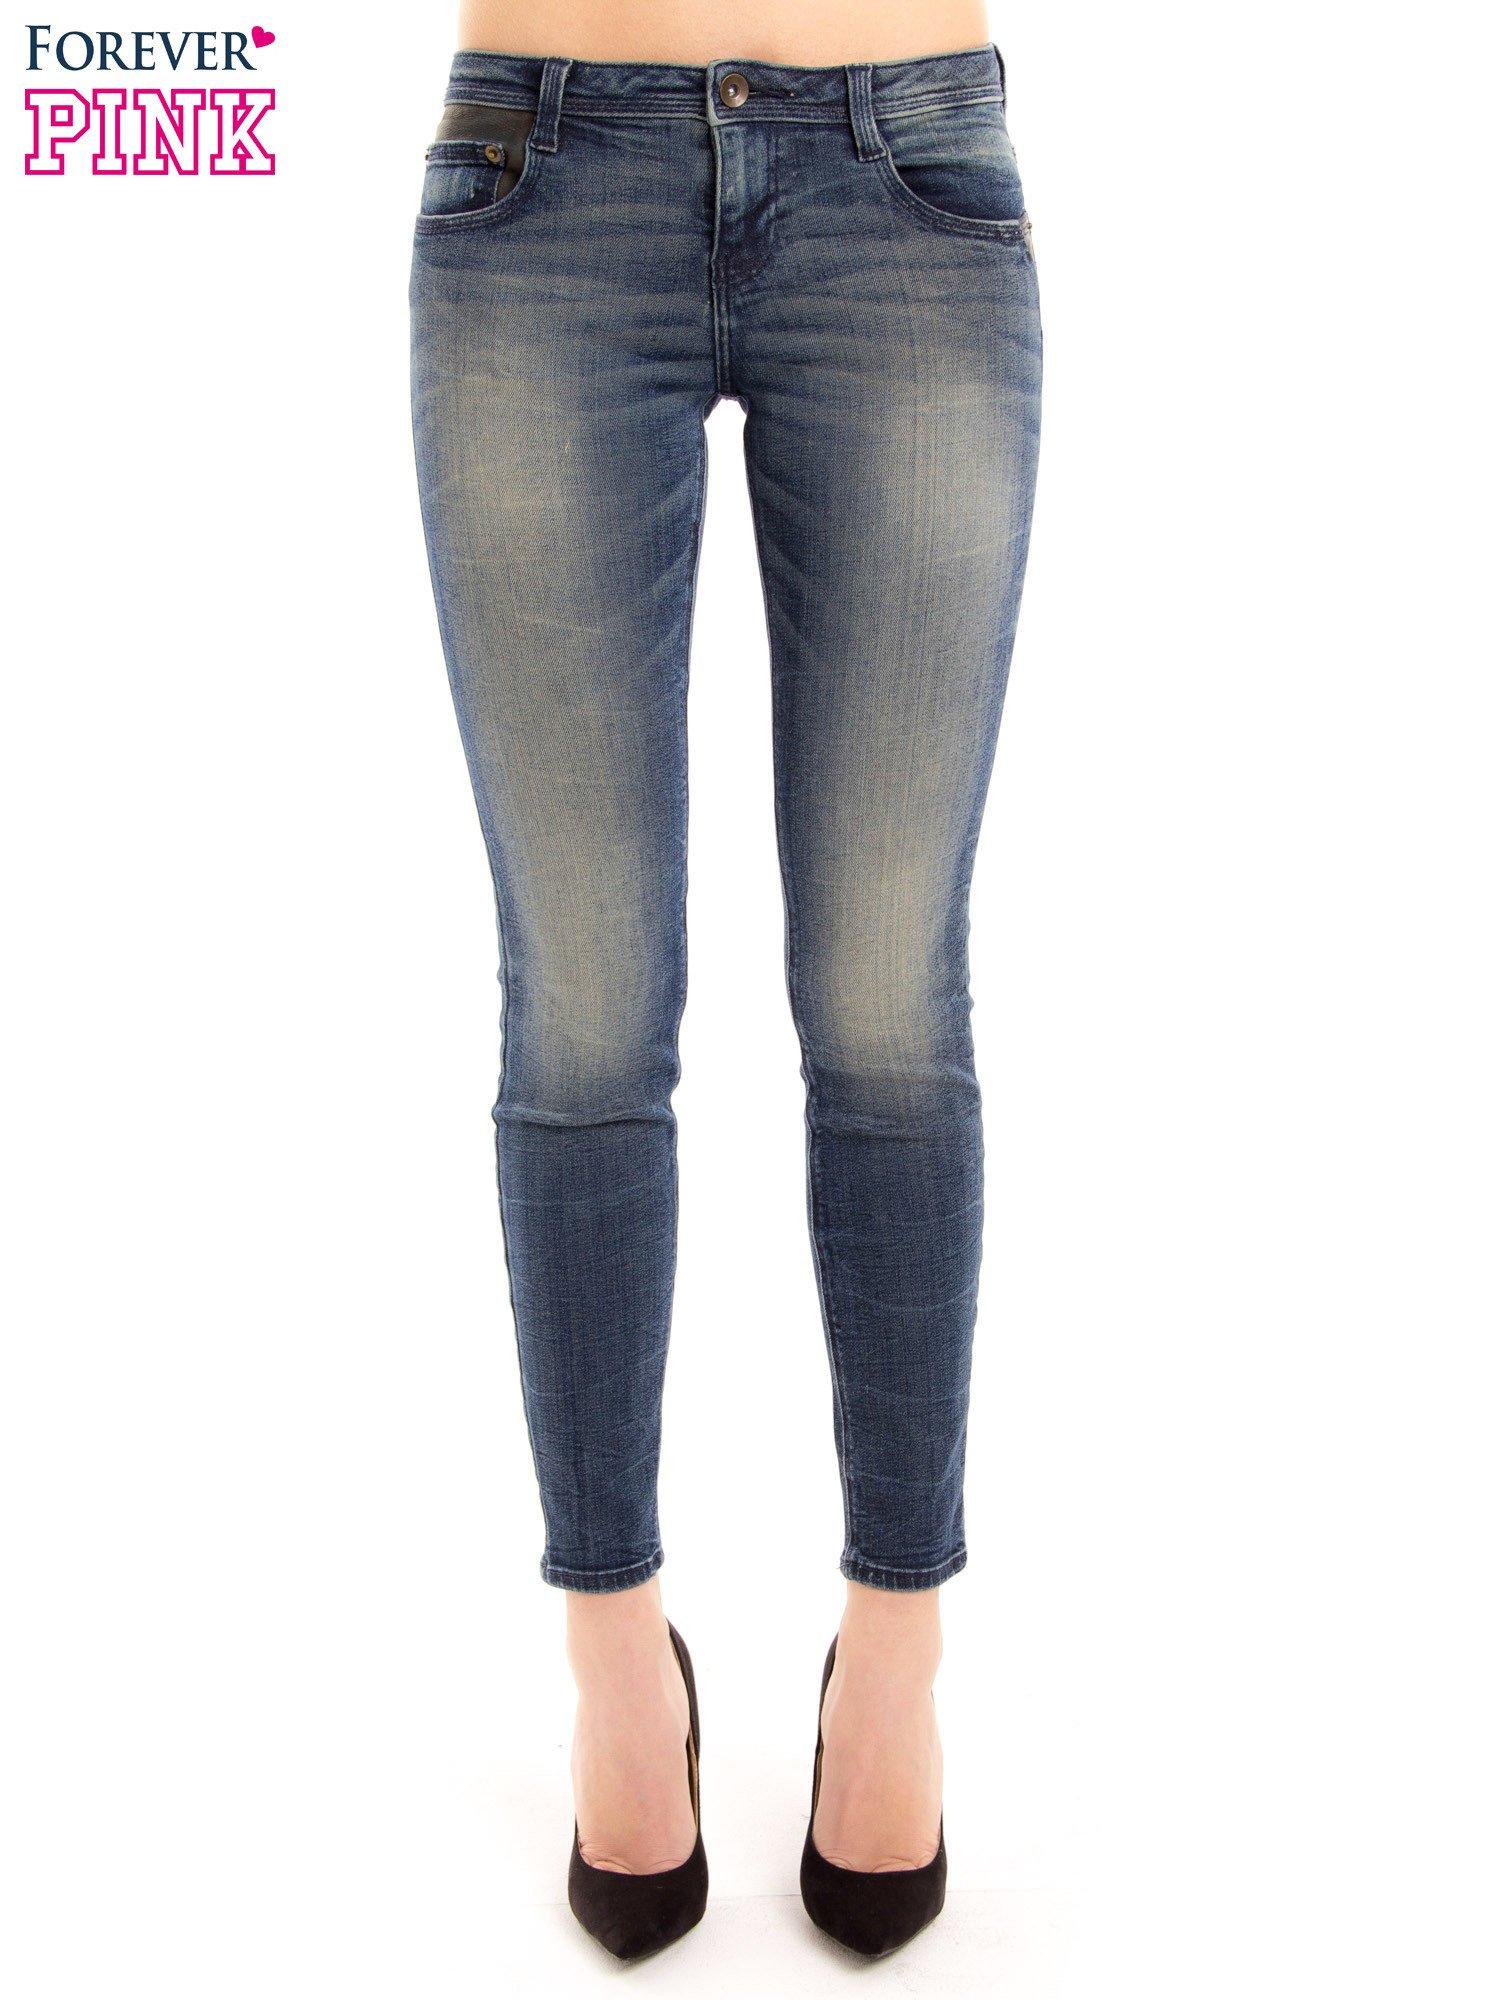 Ciemnoniebieskie jeansy rurki z ozdobną tylną kieszenią ze skóry                                  zdj.                                  1